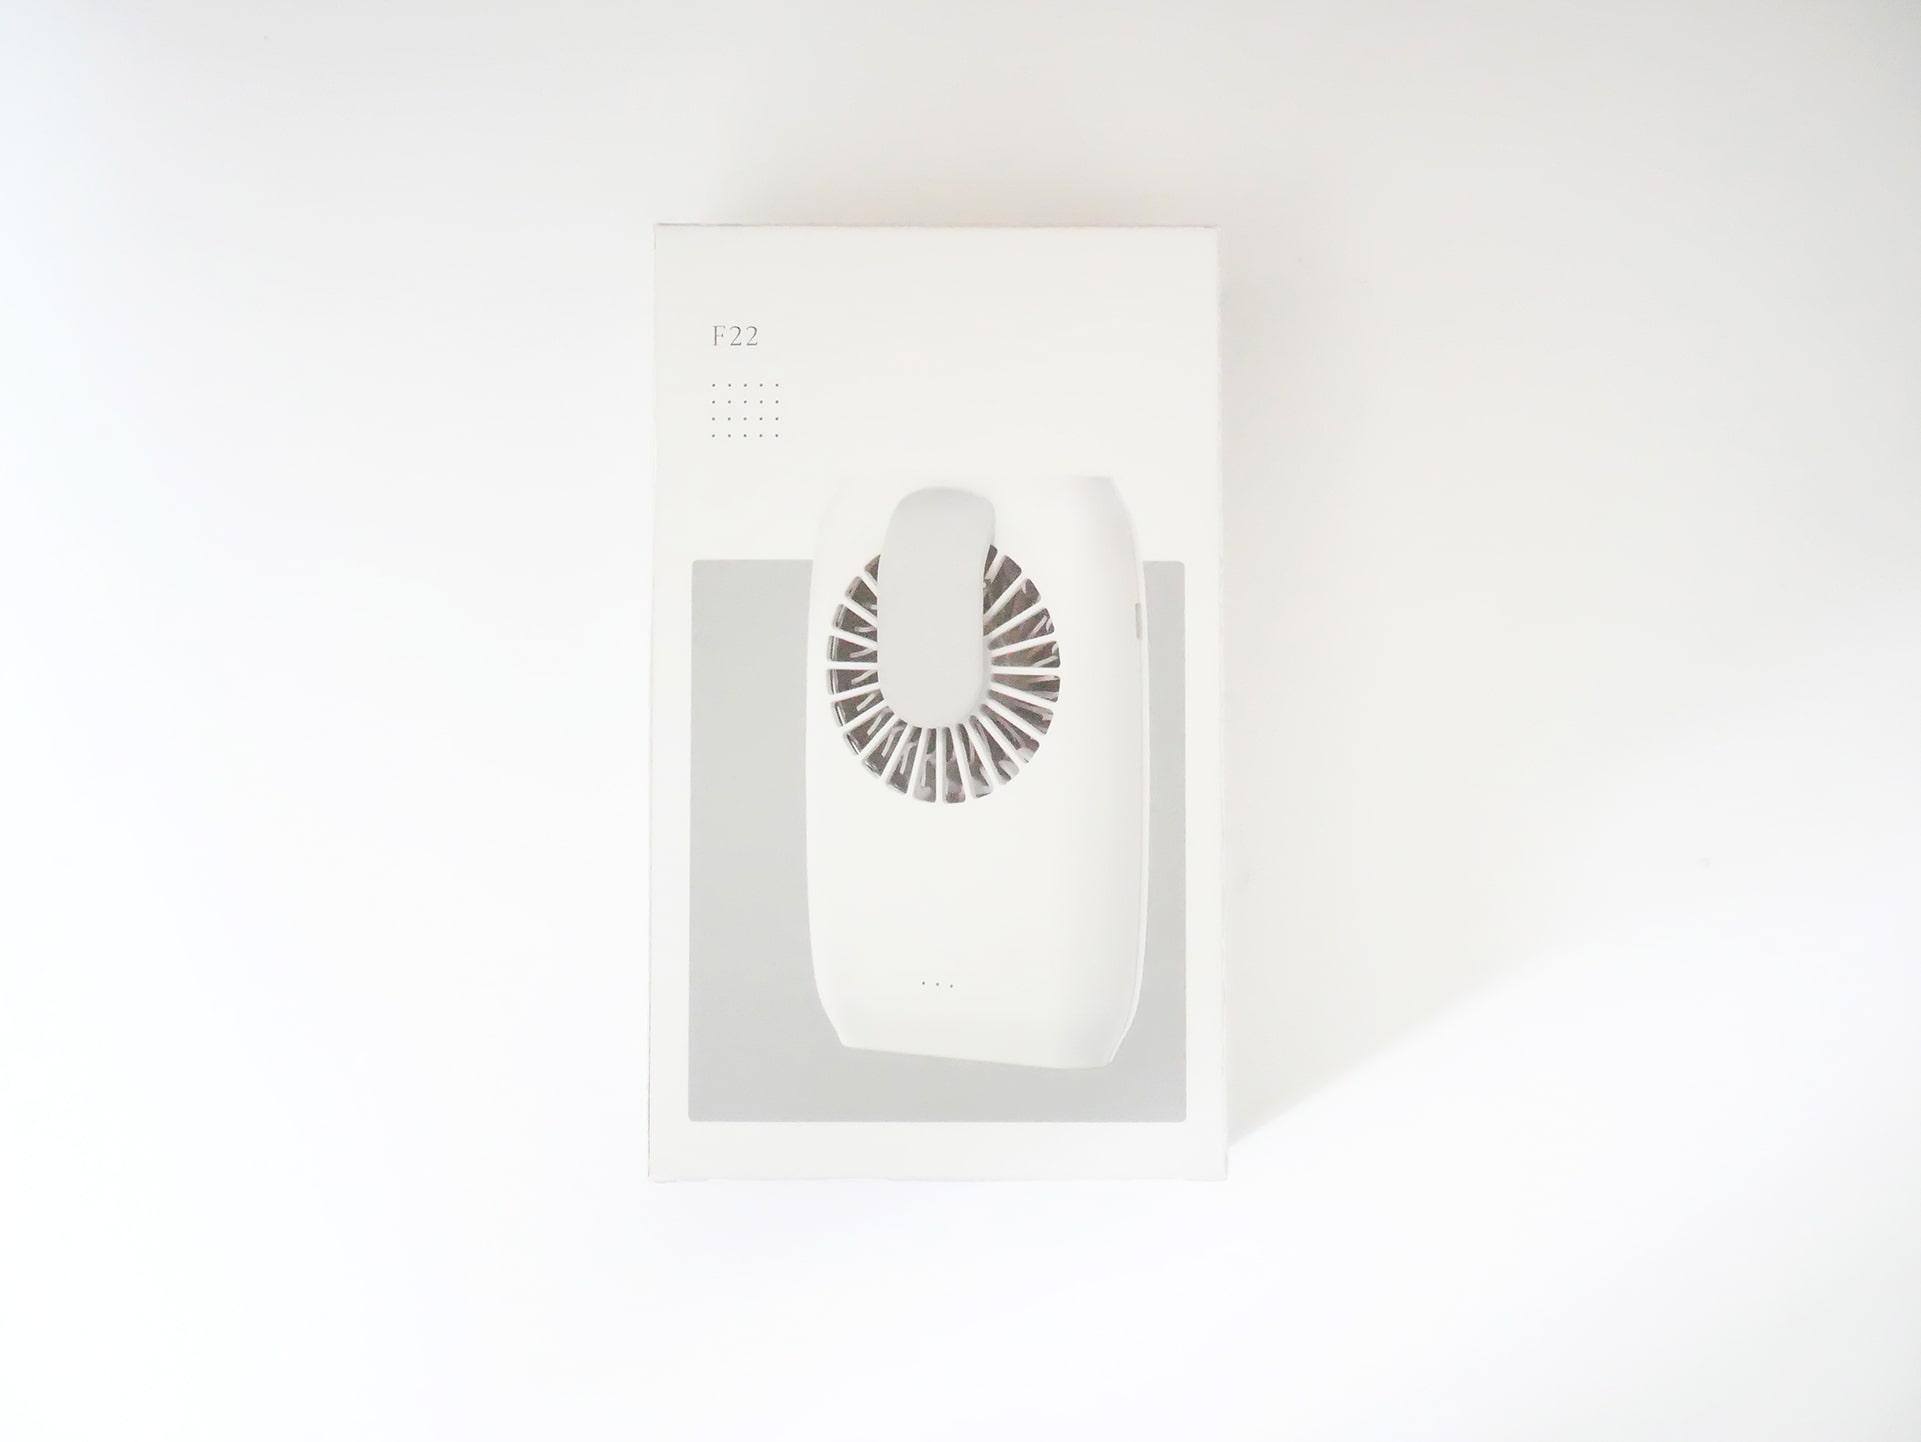 携帯扇風機 F22 外箱